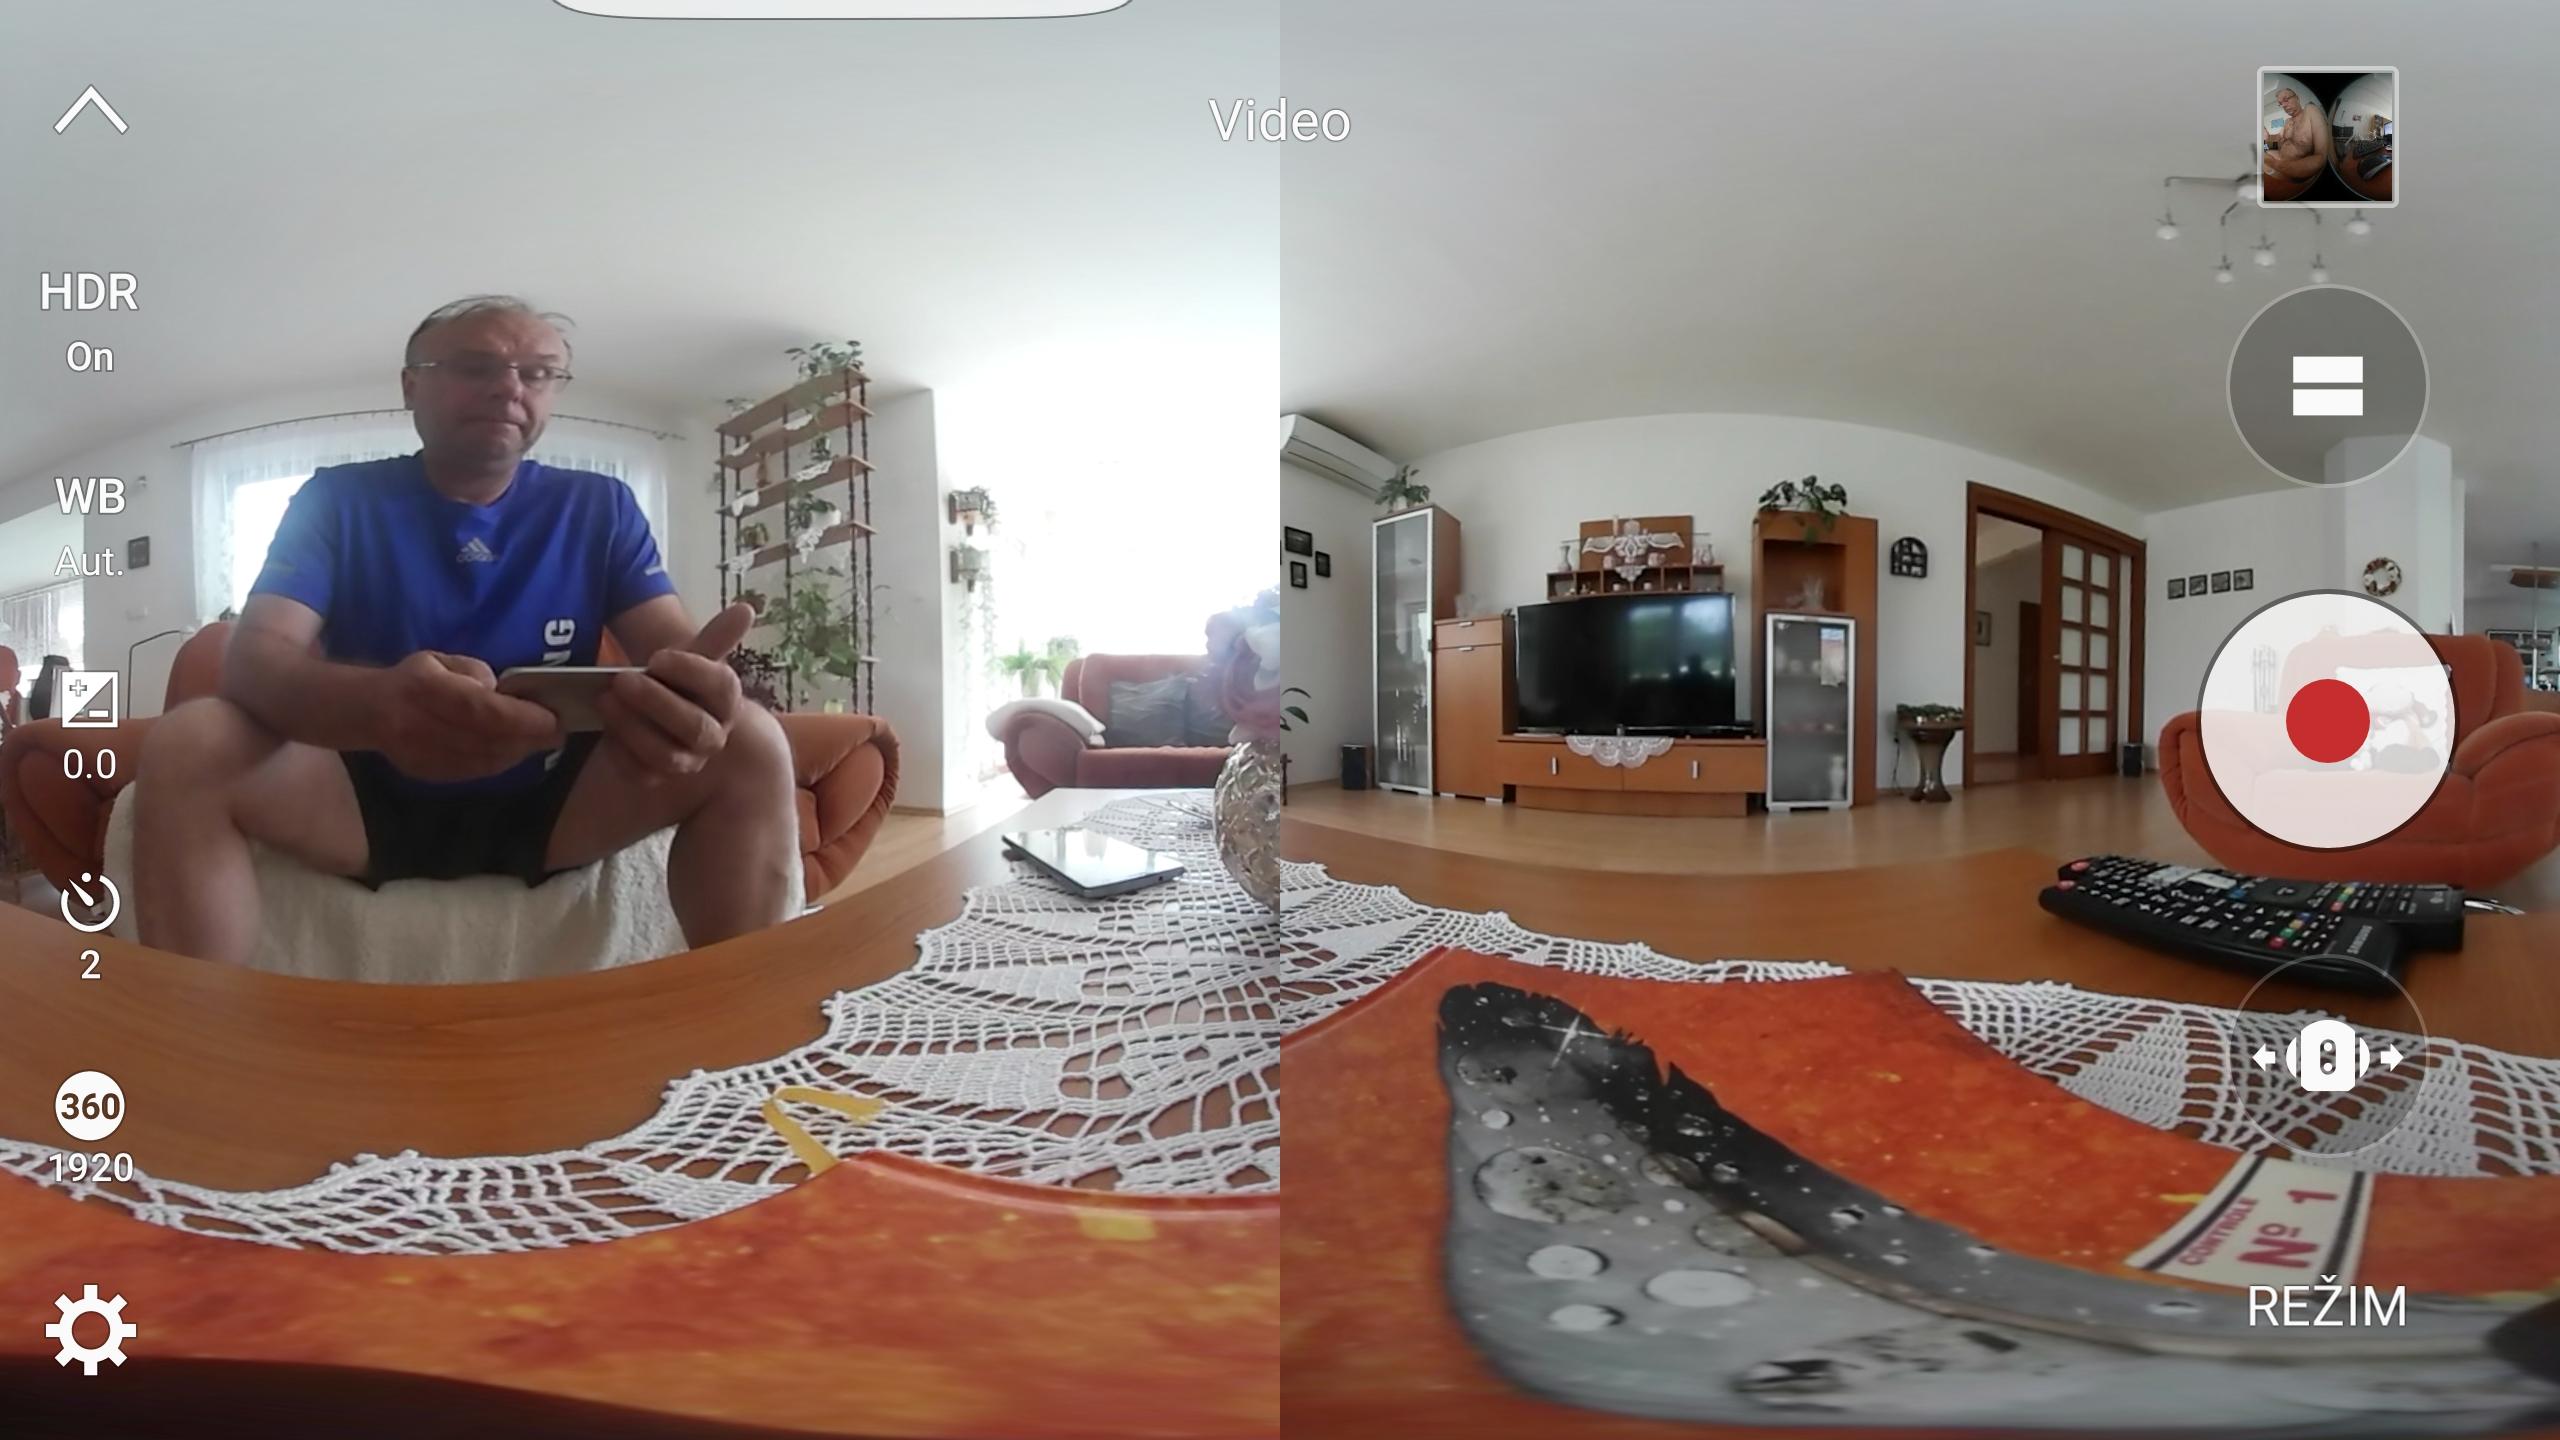 Základný pohľad na scénu s oboma kamerami a nastavením parametrov obrazu